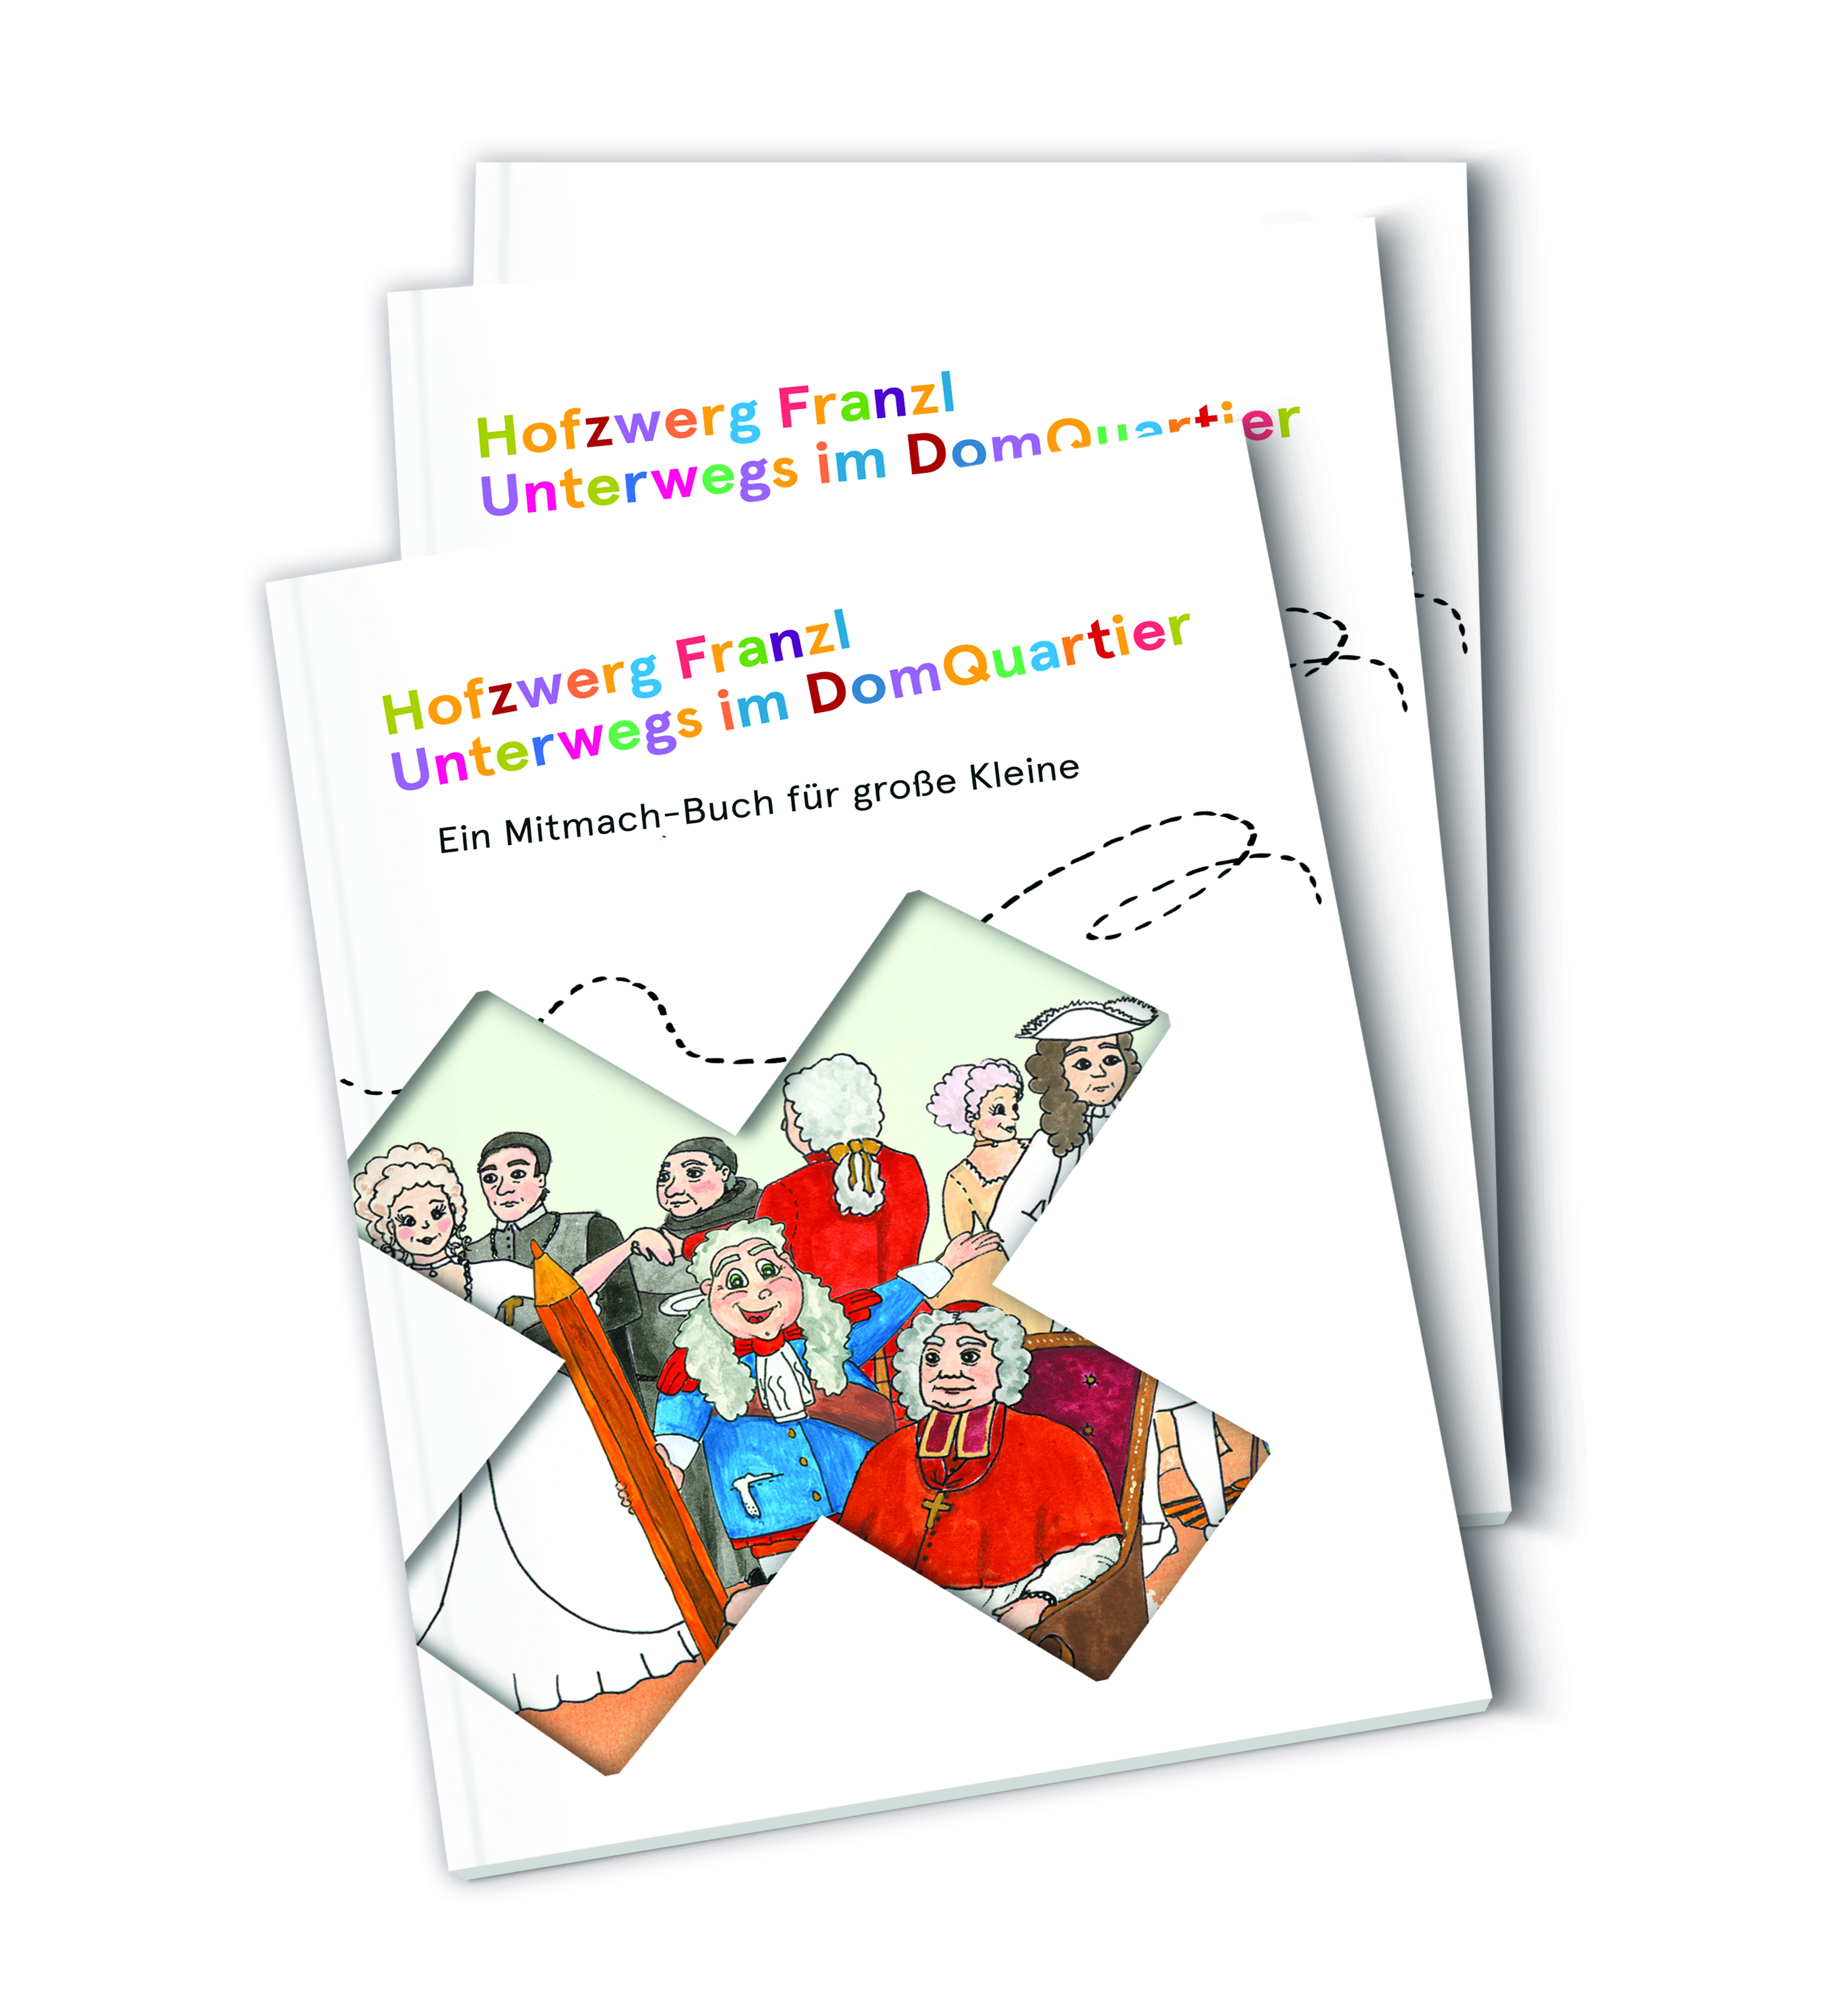 """Veranstaltung NEU – Kinder-Mit-Mach-Buch """"Hofzwerg Franzl unterwegs im DomQuartier"""" im DomQuartier Salzburg"""